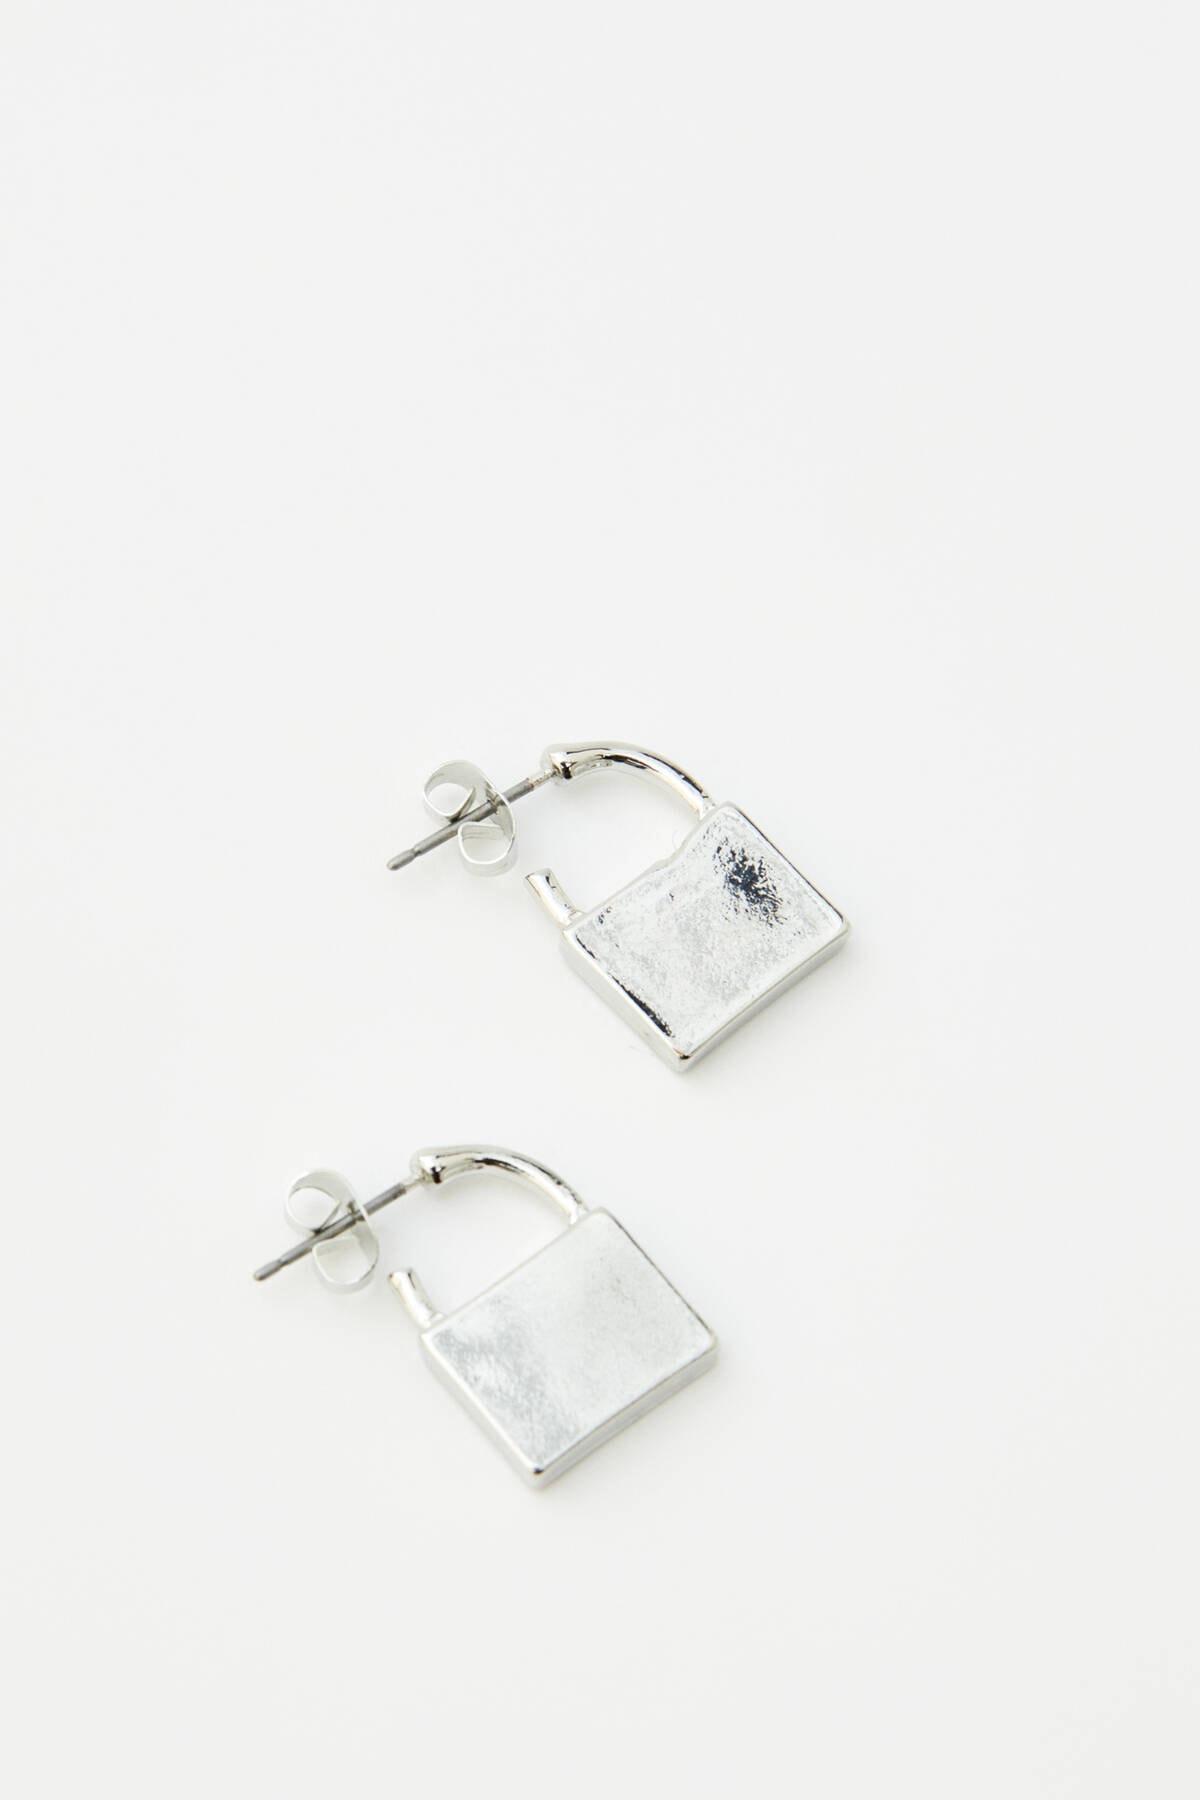 Pull & Bear Kadın Gümüş Sembol Ve Asma Kilit Küpe Seti 09996375 1